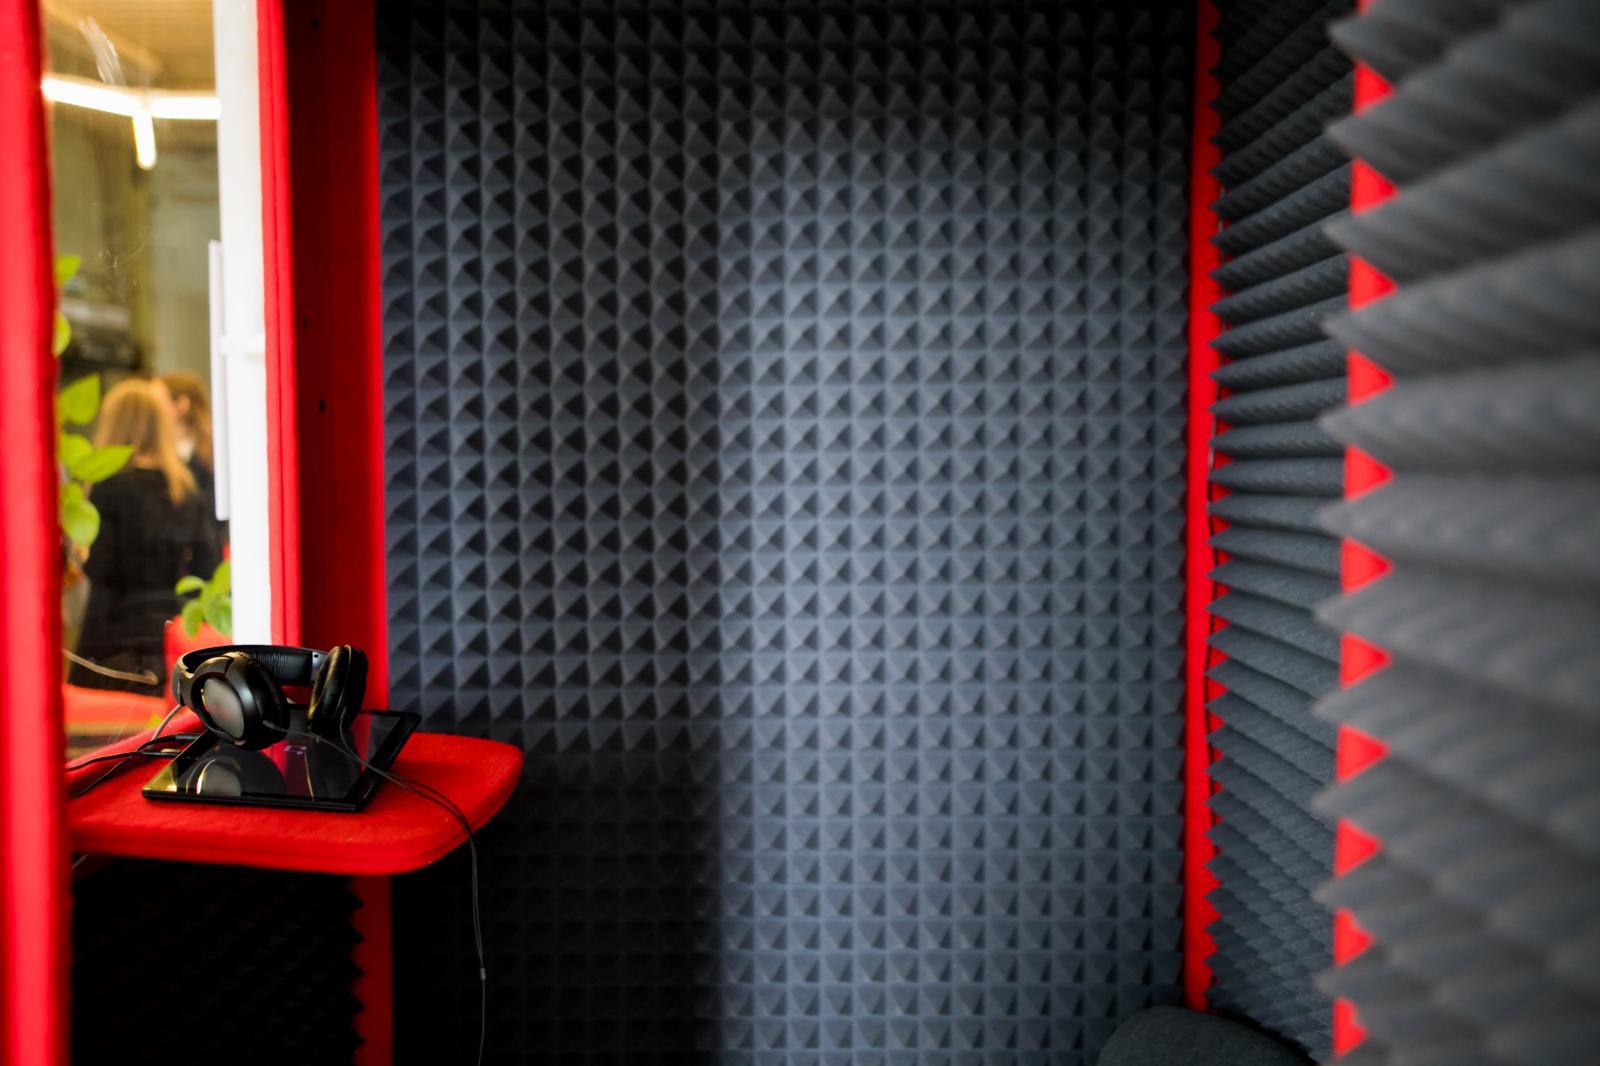 Đơn vị thi công cách âm chống ồn uy tín tại TPHCM - CÔNG TY TNHH GIẢI PHÁP WIN ERP